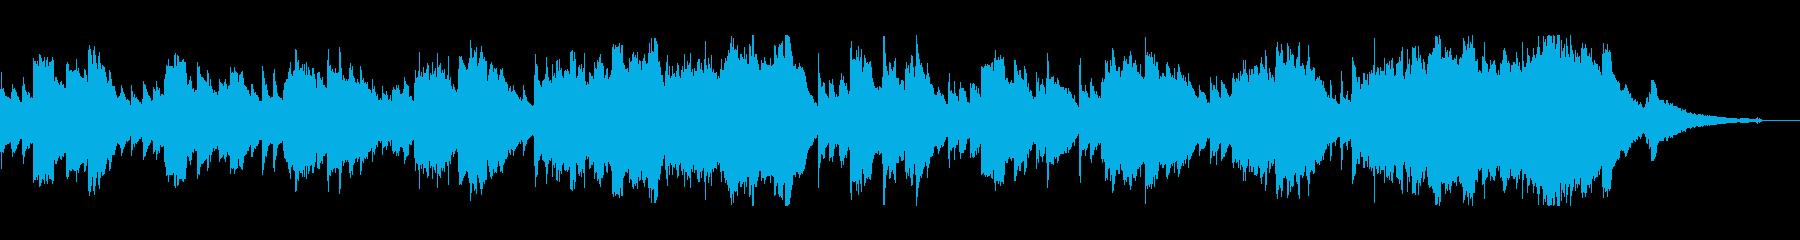 まったりしたアコギと管楽器のサウンドの再生済みの波形